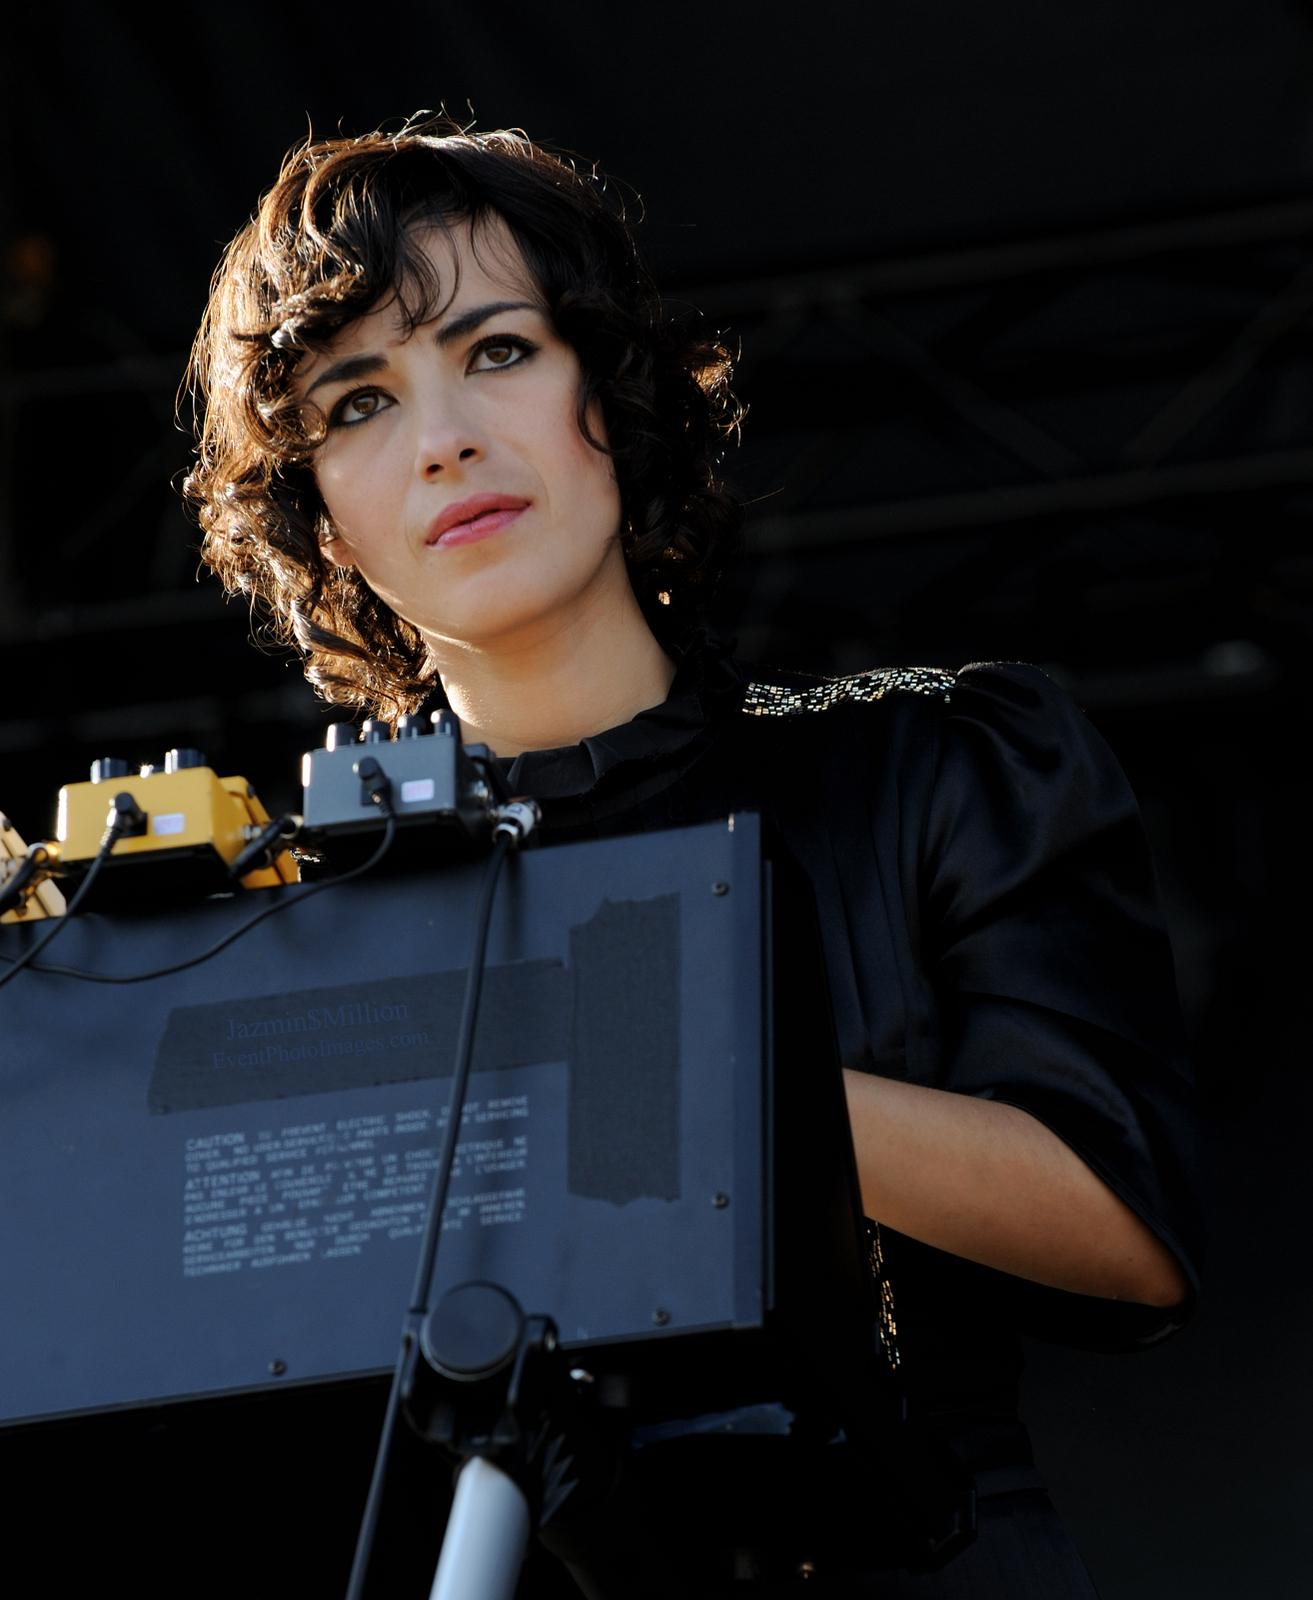 Archivo Mira Aroyo en Ottawa Bluesfest en 2008 jpg